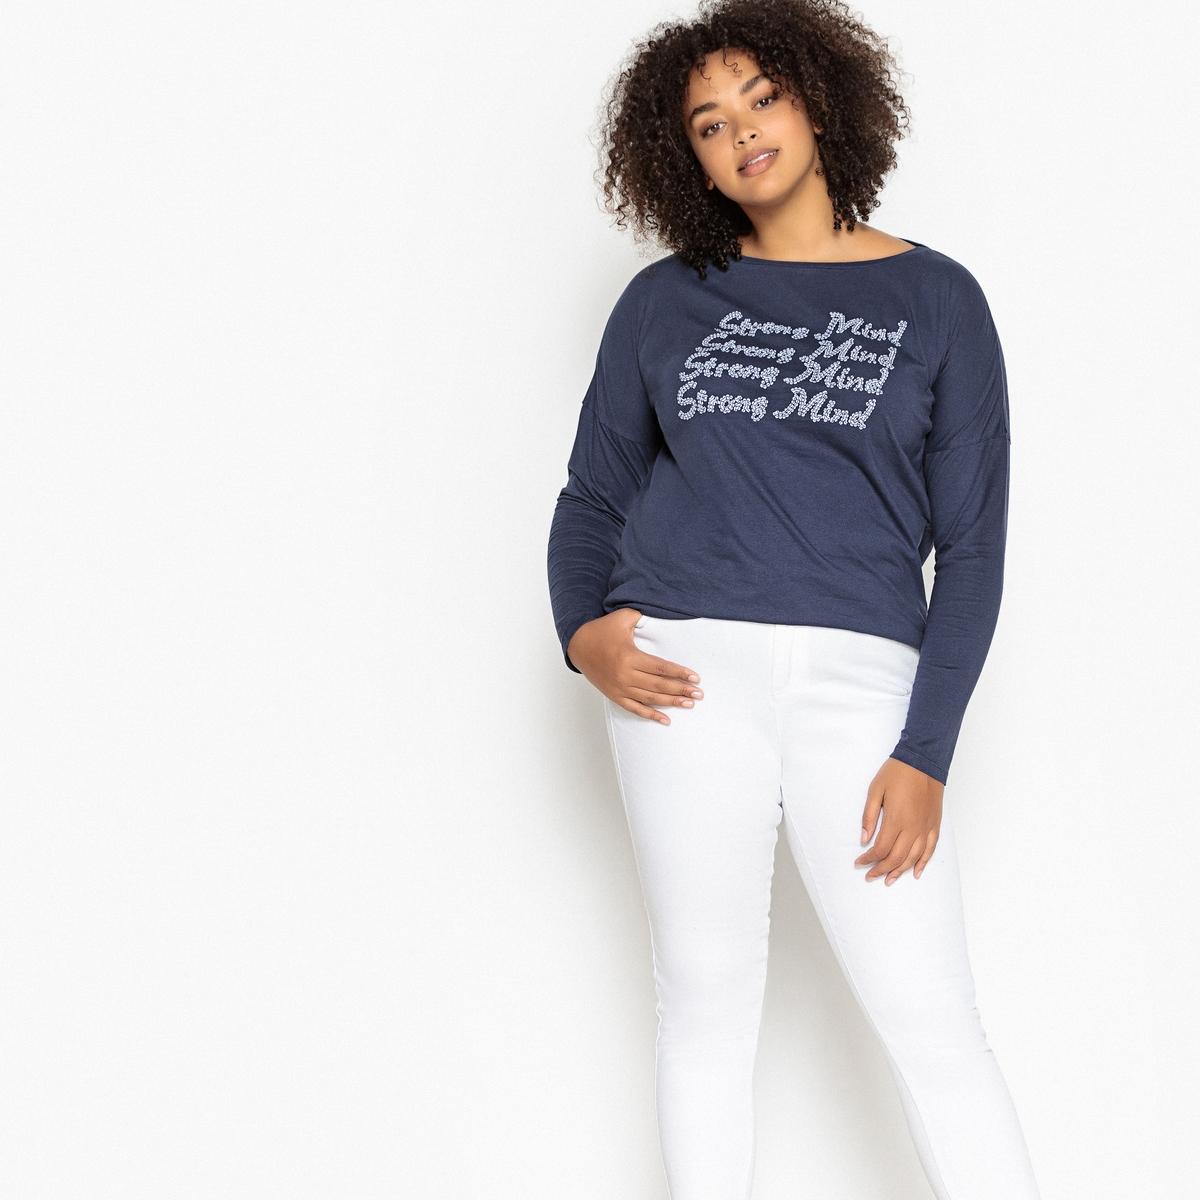 Langärmeliges Shirt mit rundem Ausschnitt | Bekleidung > Shirts > Sonstige Shirts | Baumwolle | CASTALUNA